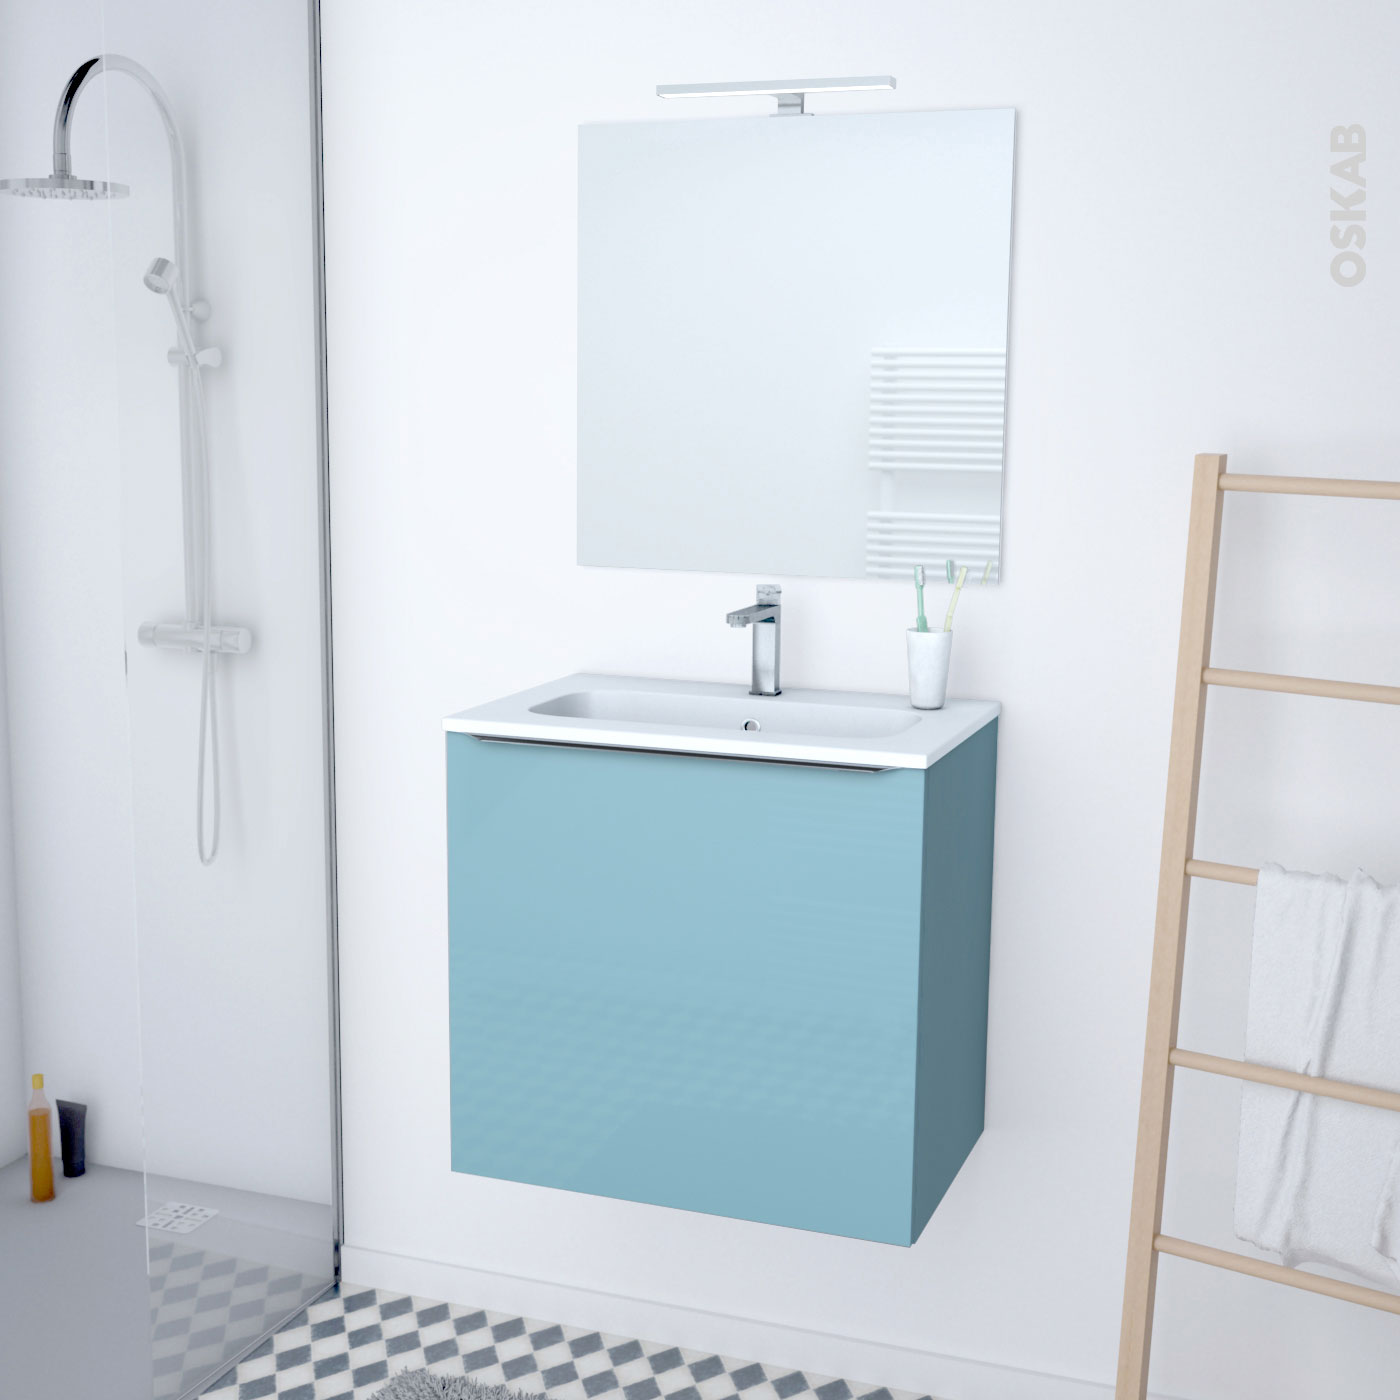 Meuble de salle de bains Plan vasque REZO KERIA Bleu 1 porte Côtés décors  L60,5 x H58,5 x P40,5 cm - Oskab